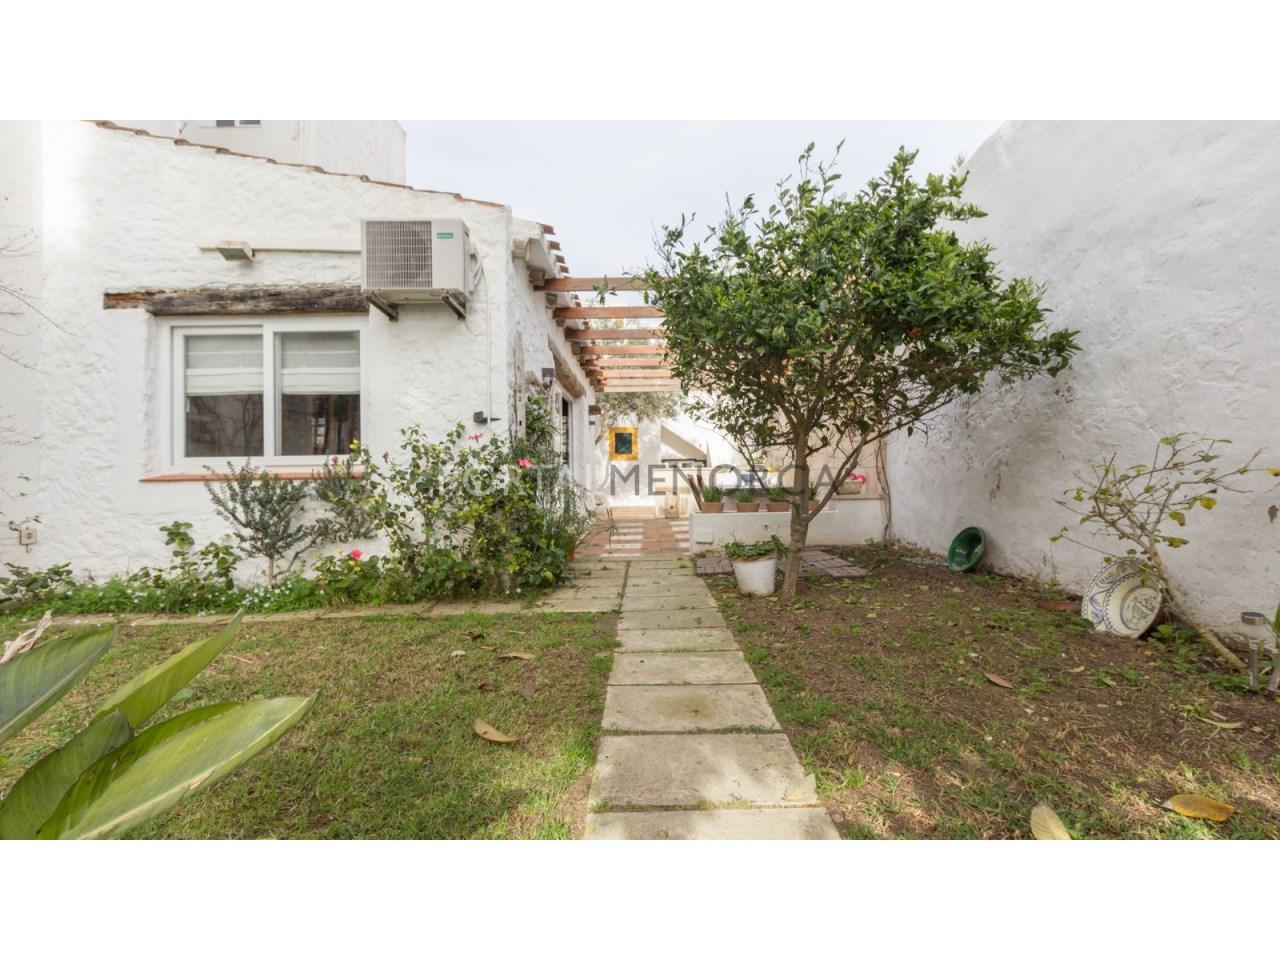 casa con jardin en Es Castell 2 (5 de 6)